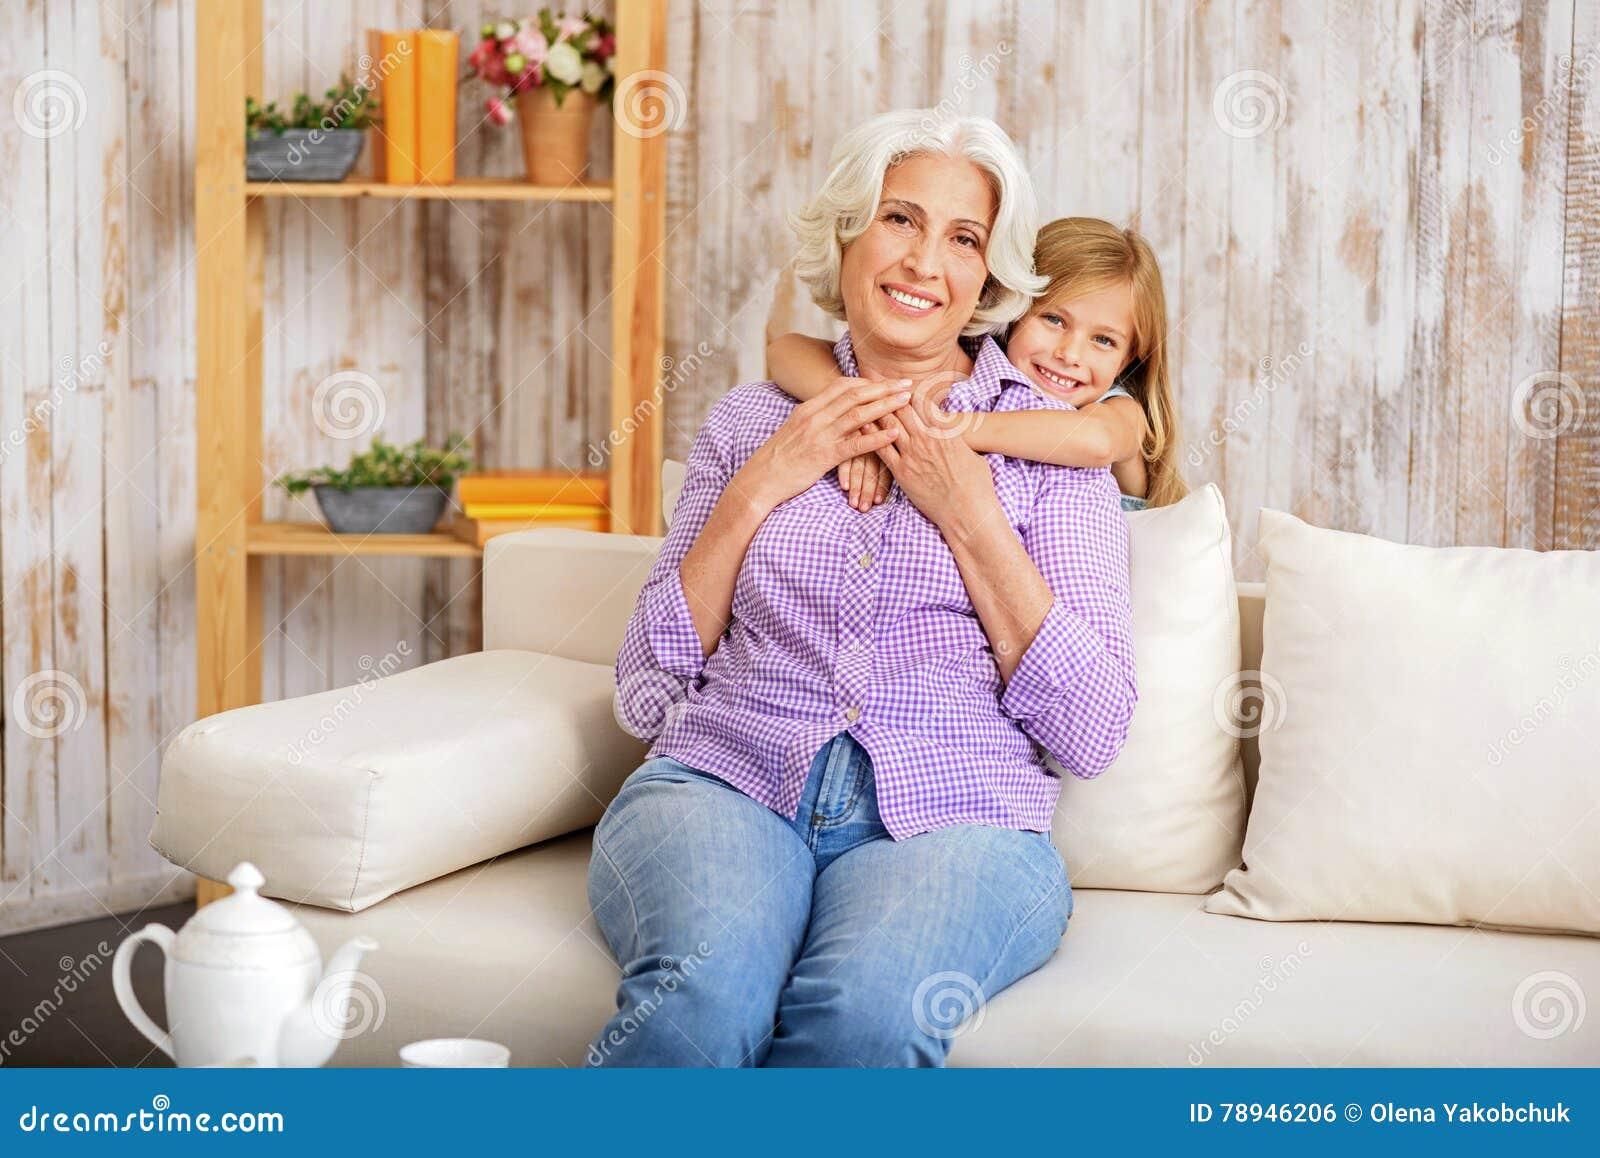 Αγαπώ τη γιαγιά μου